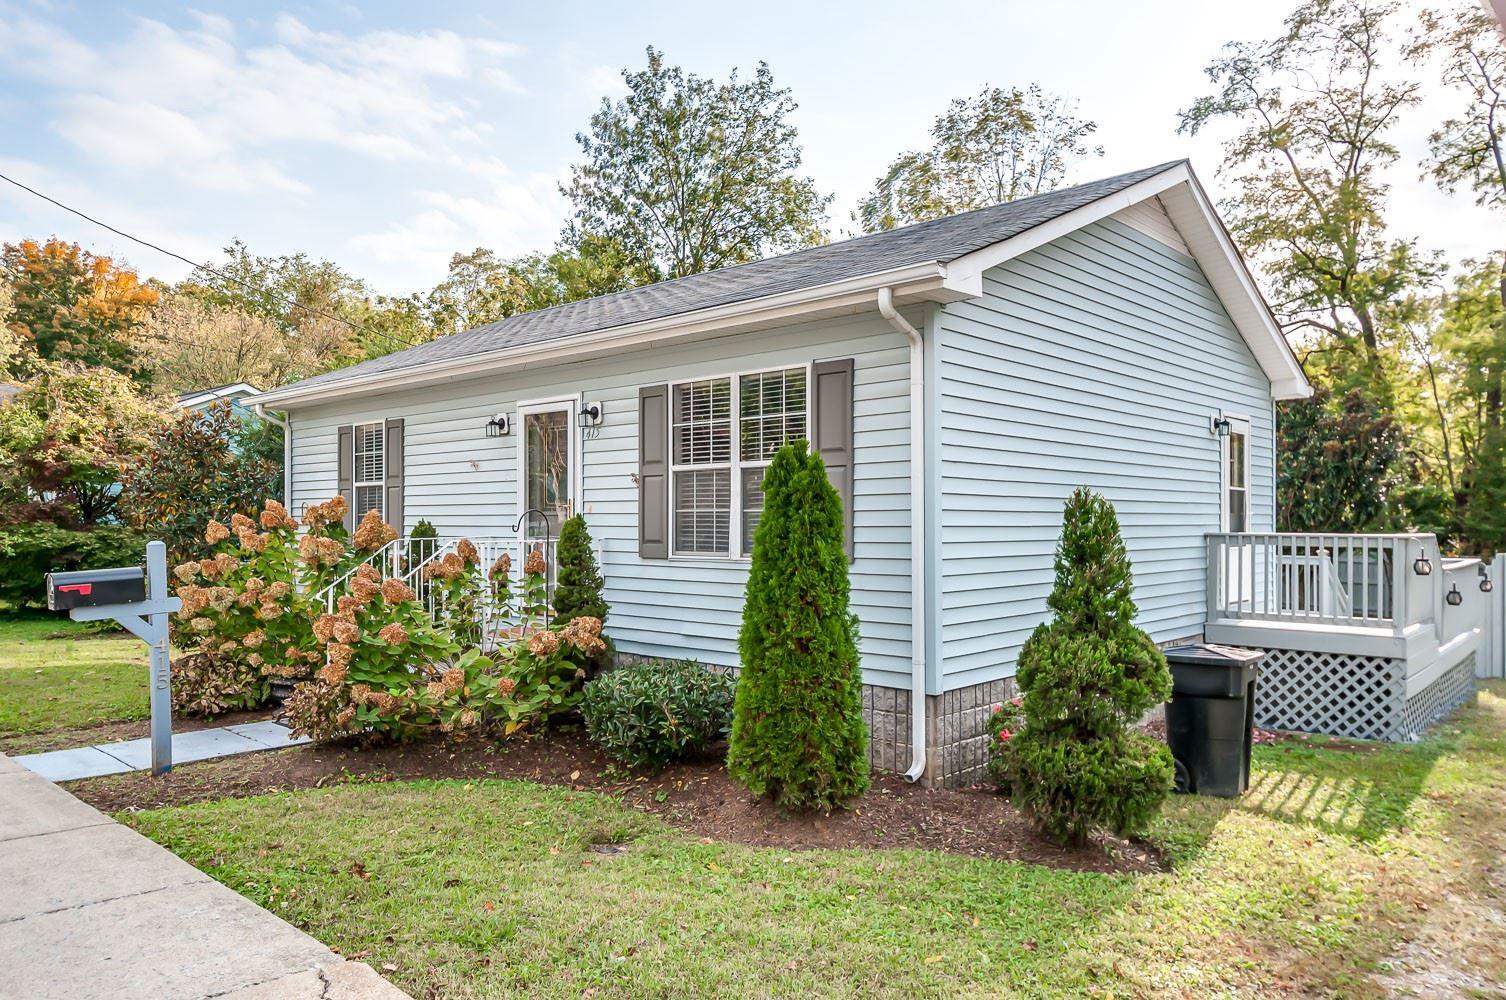 Photo of 415 Granbury St, Franklin, TN 37064 (MLS # 2200865)